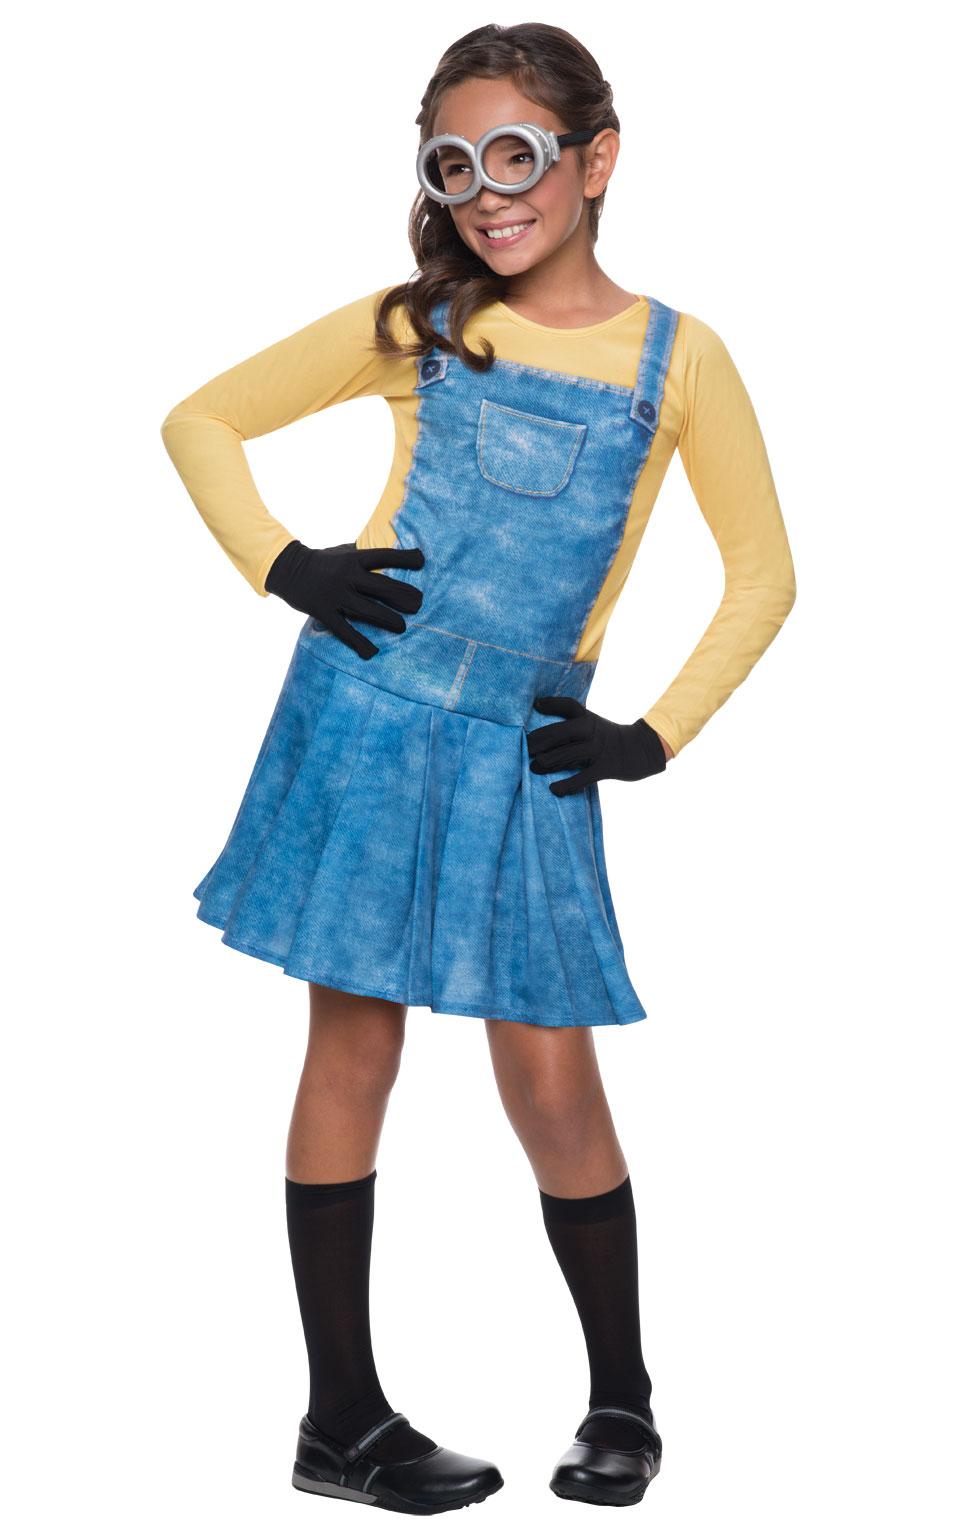 Rubies Detský kostým Mimoňka Veľkosť - deti: L - Výška 125-135 cm